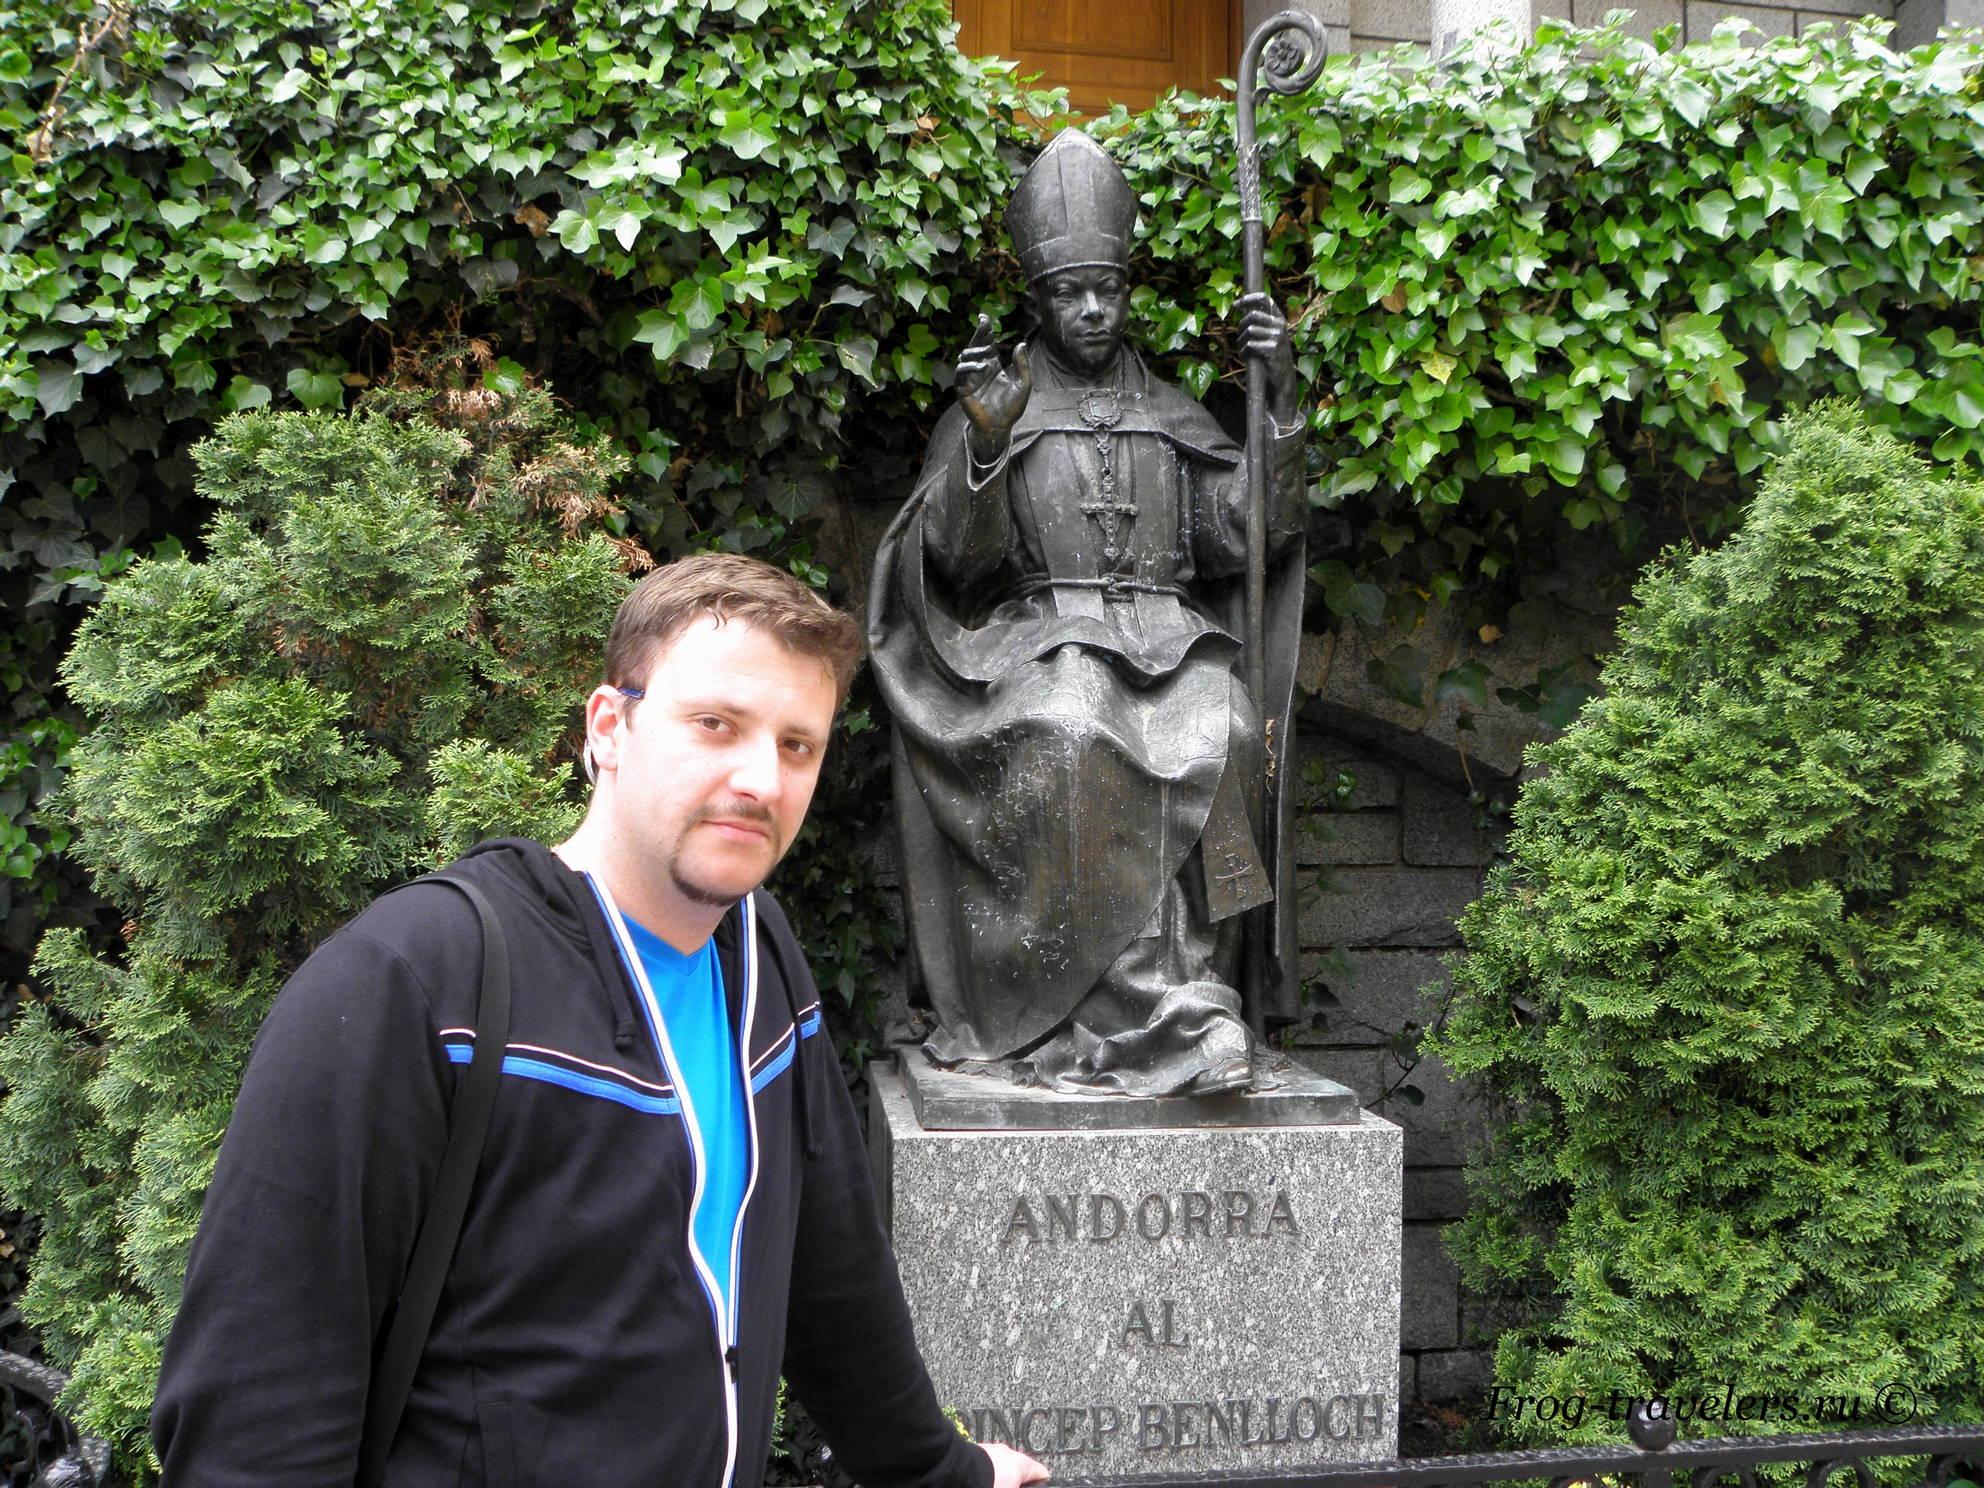 Андорра. Андорра-ла-Велья. Достопримечательности. Старый город